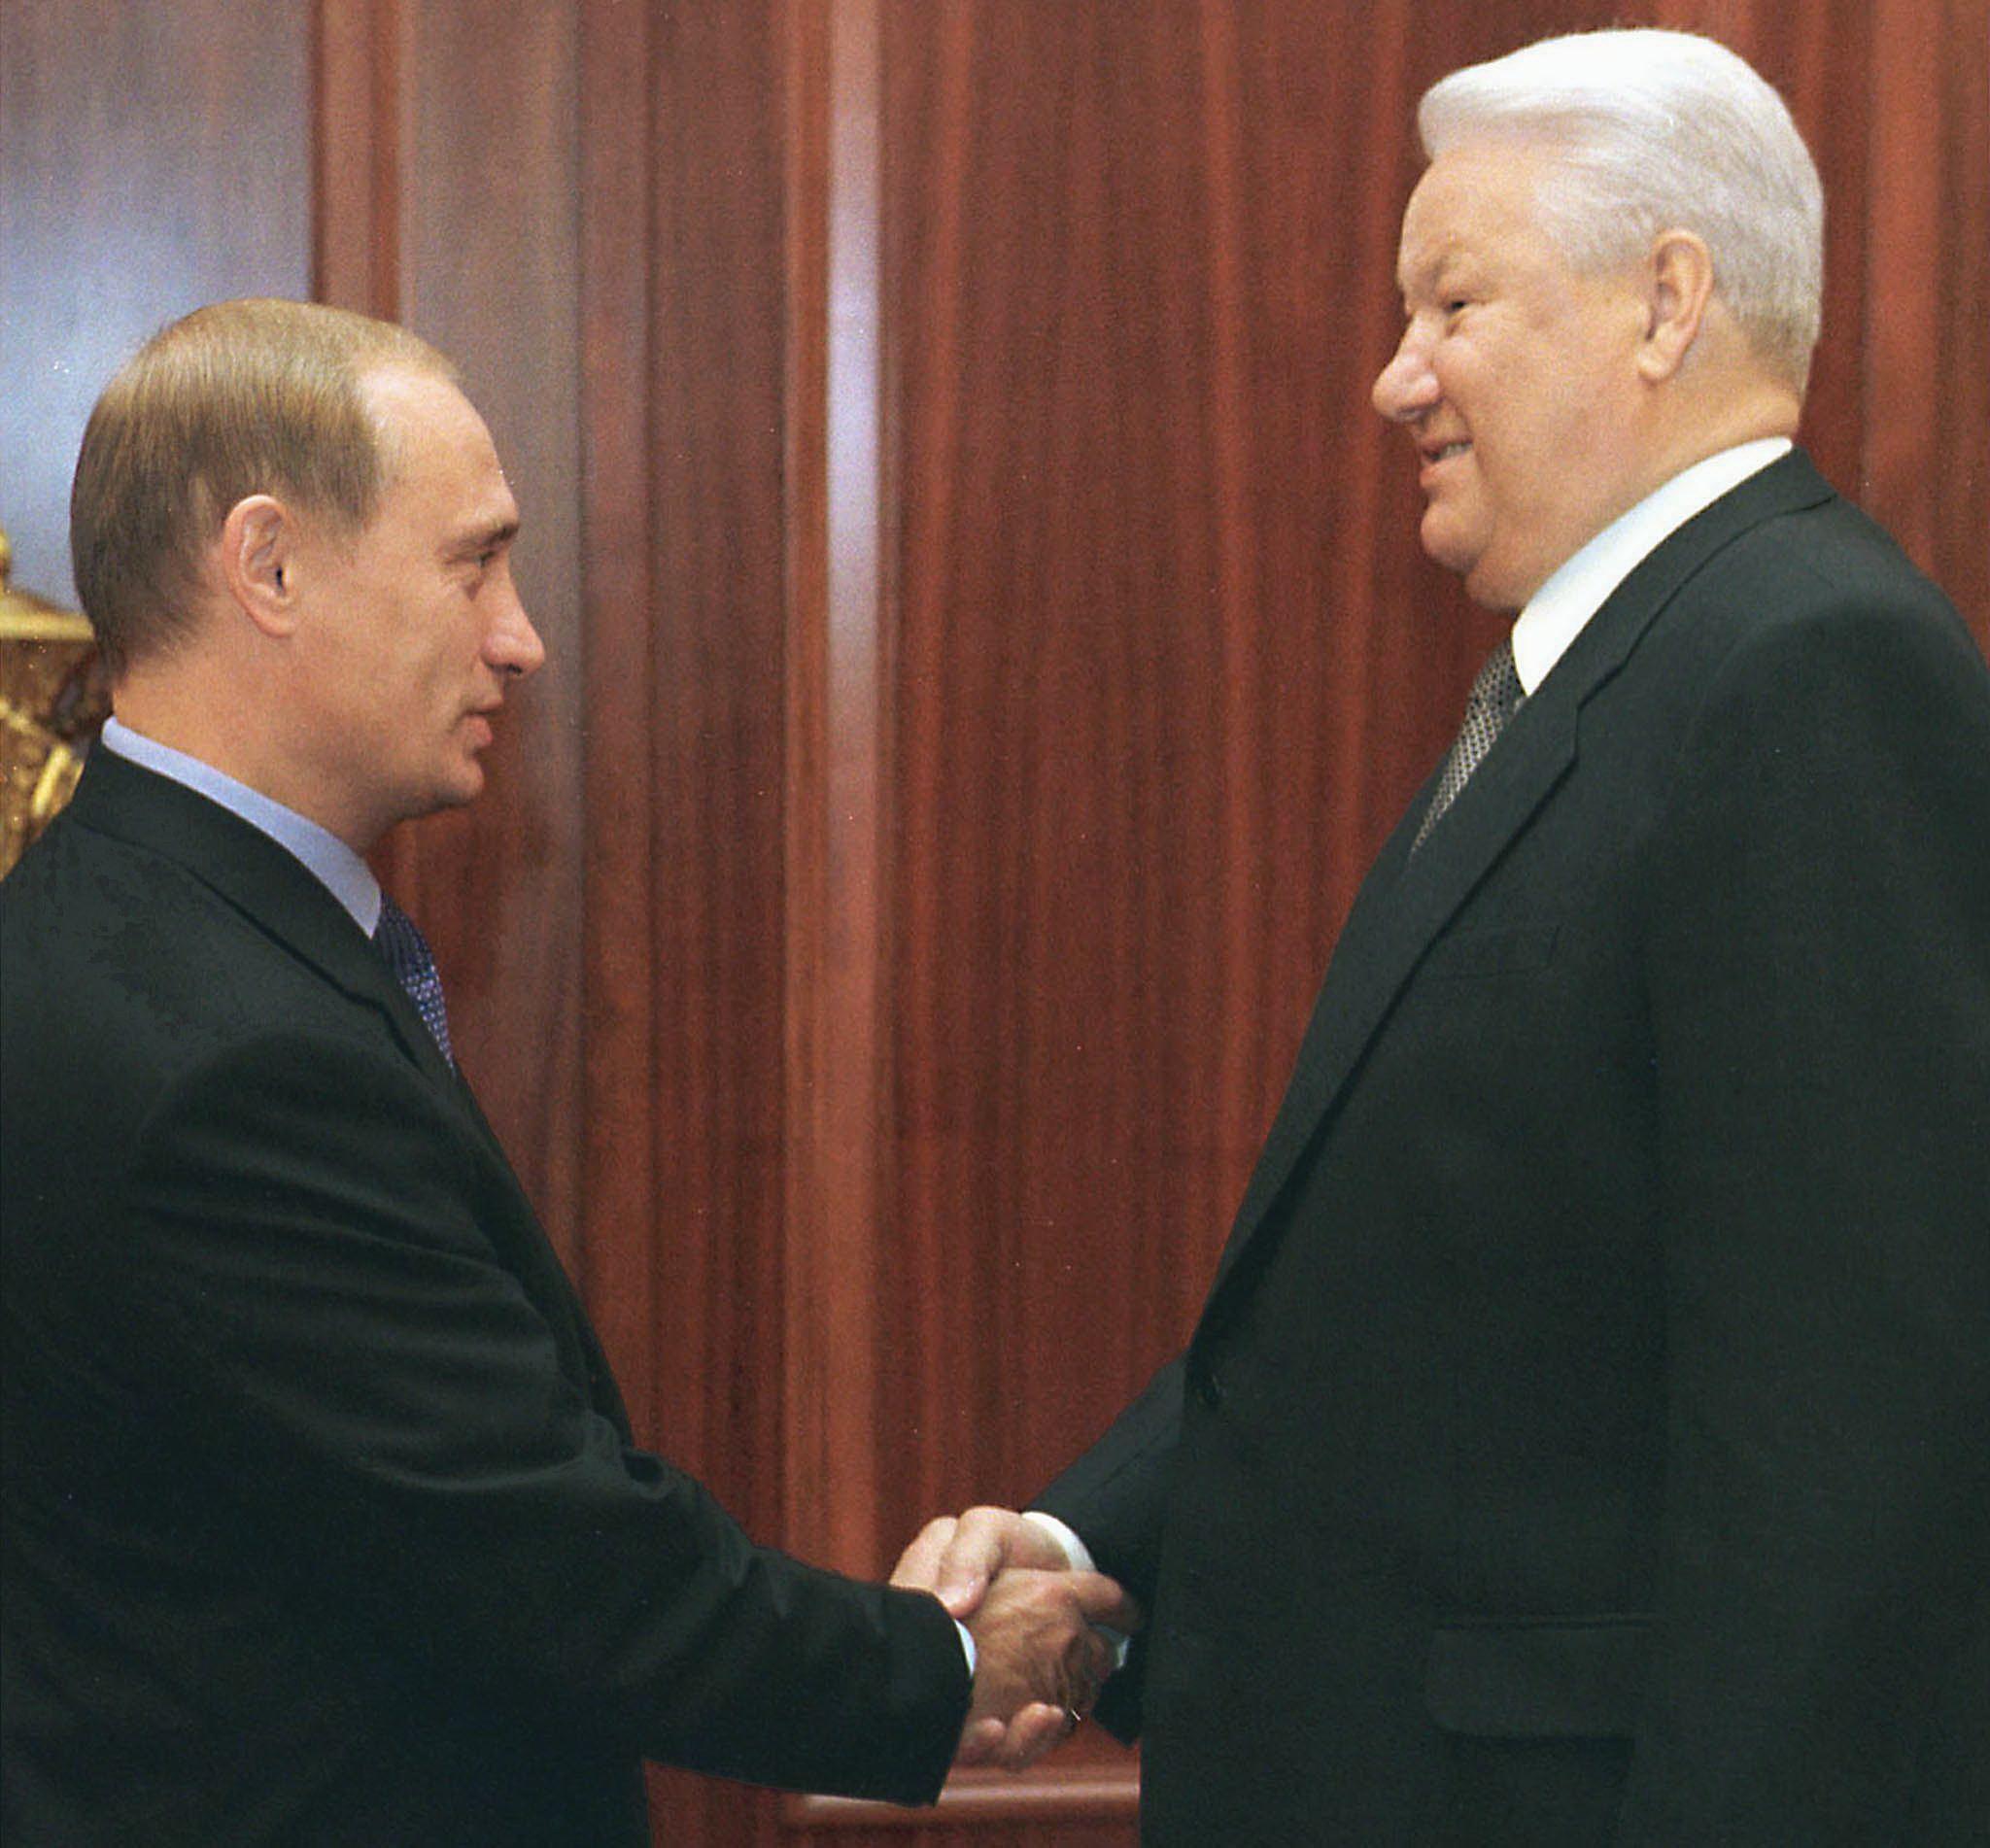 1999년 8월 19일, 보리스 옐친 러시아 대통령이 모스크바 크레믈린 궁에서 블라디미르 푸틴 총리와 악수하고 있다. [ITAR-TASS POOL / AFP=연합뉴스]